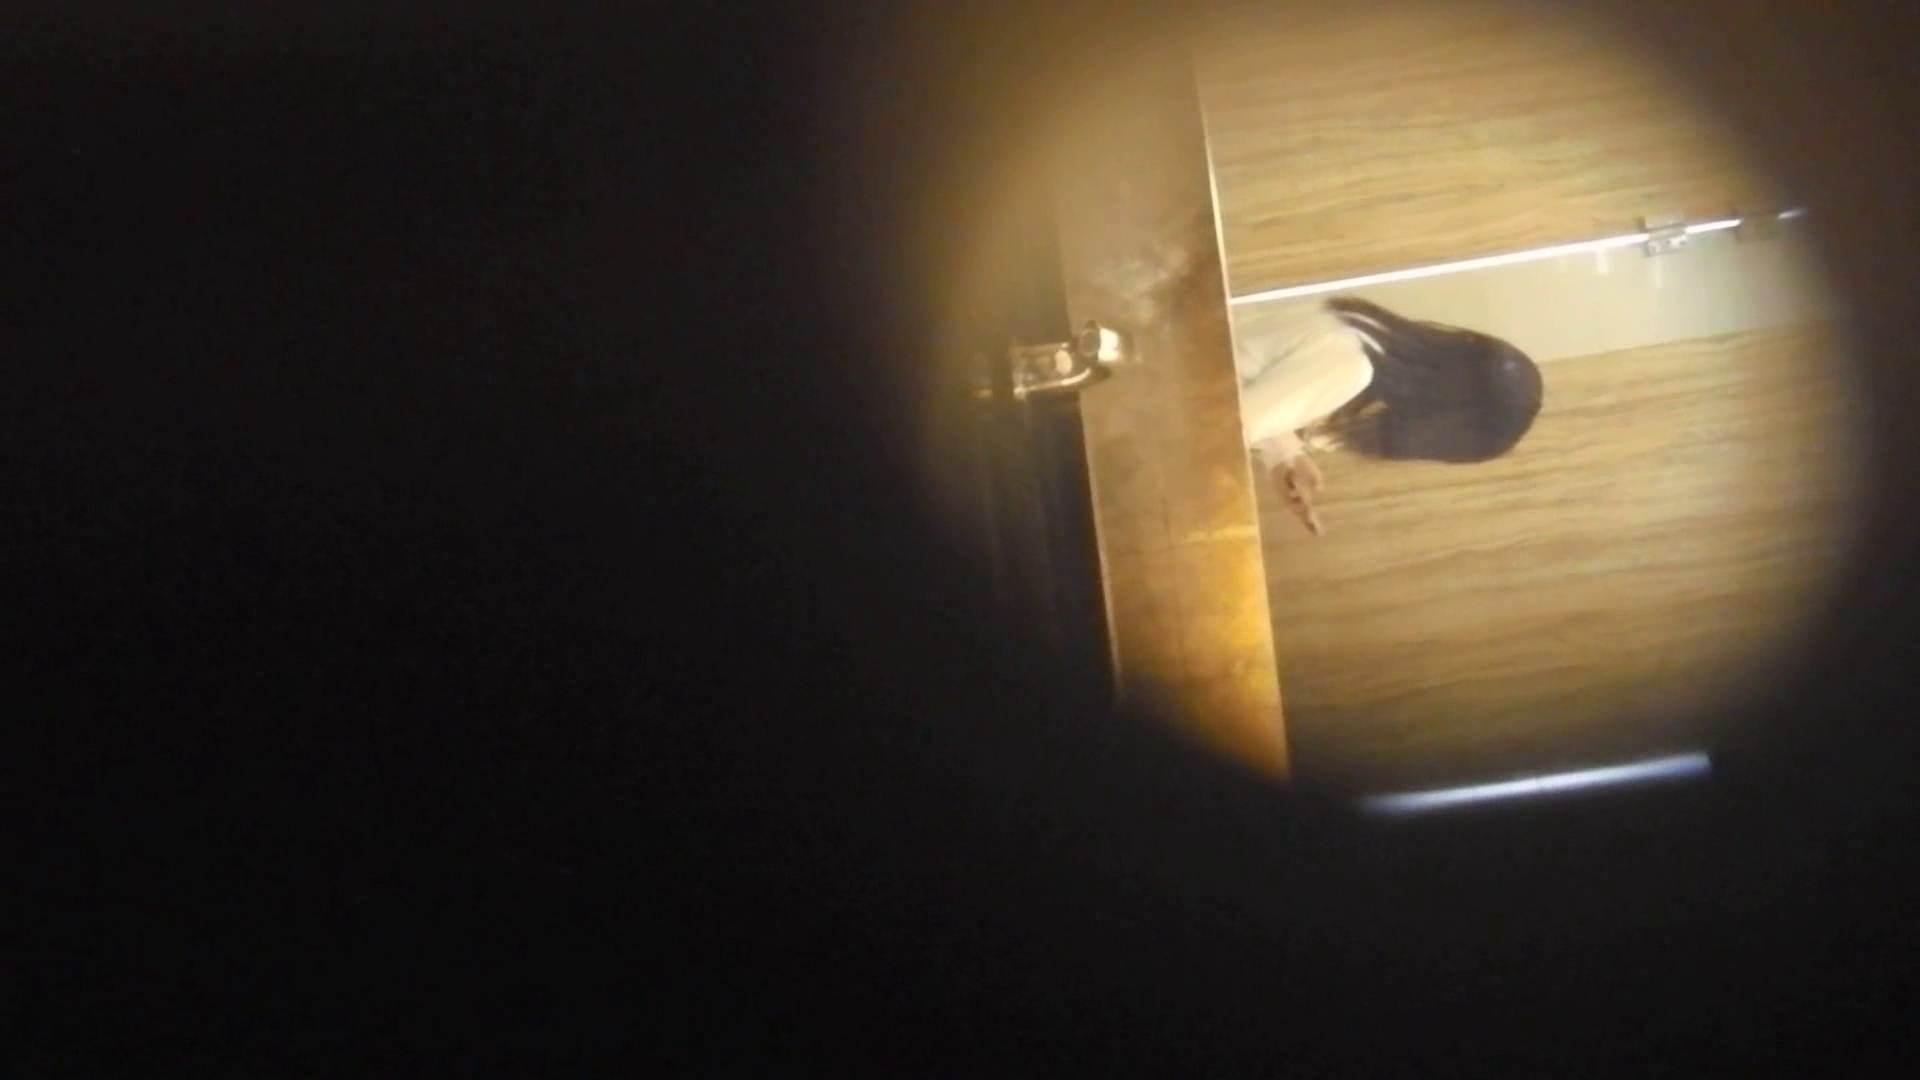 阿国ちゃんの「和式洋式七変化」No.18 iBO(フタコブ) 洗面所着替え   和式  83連発 34